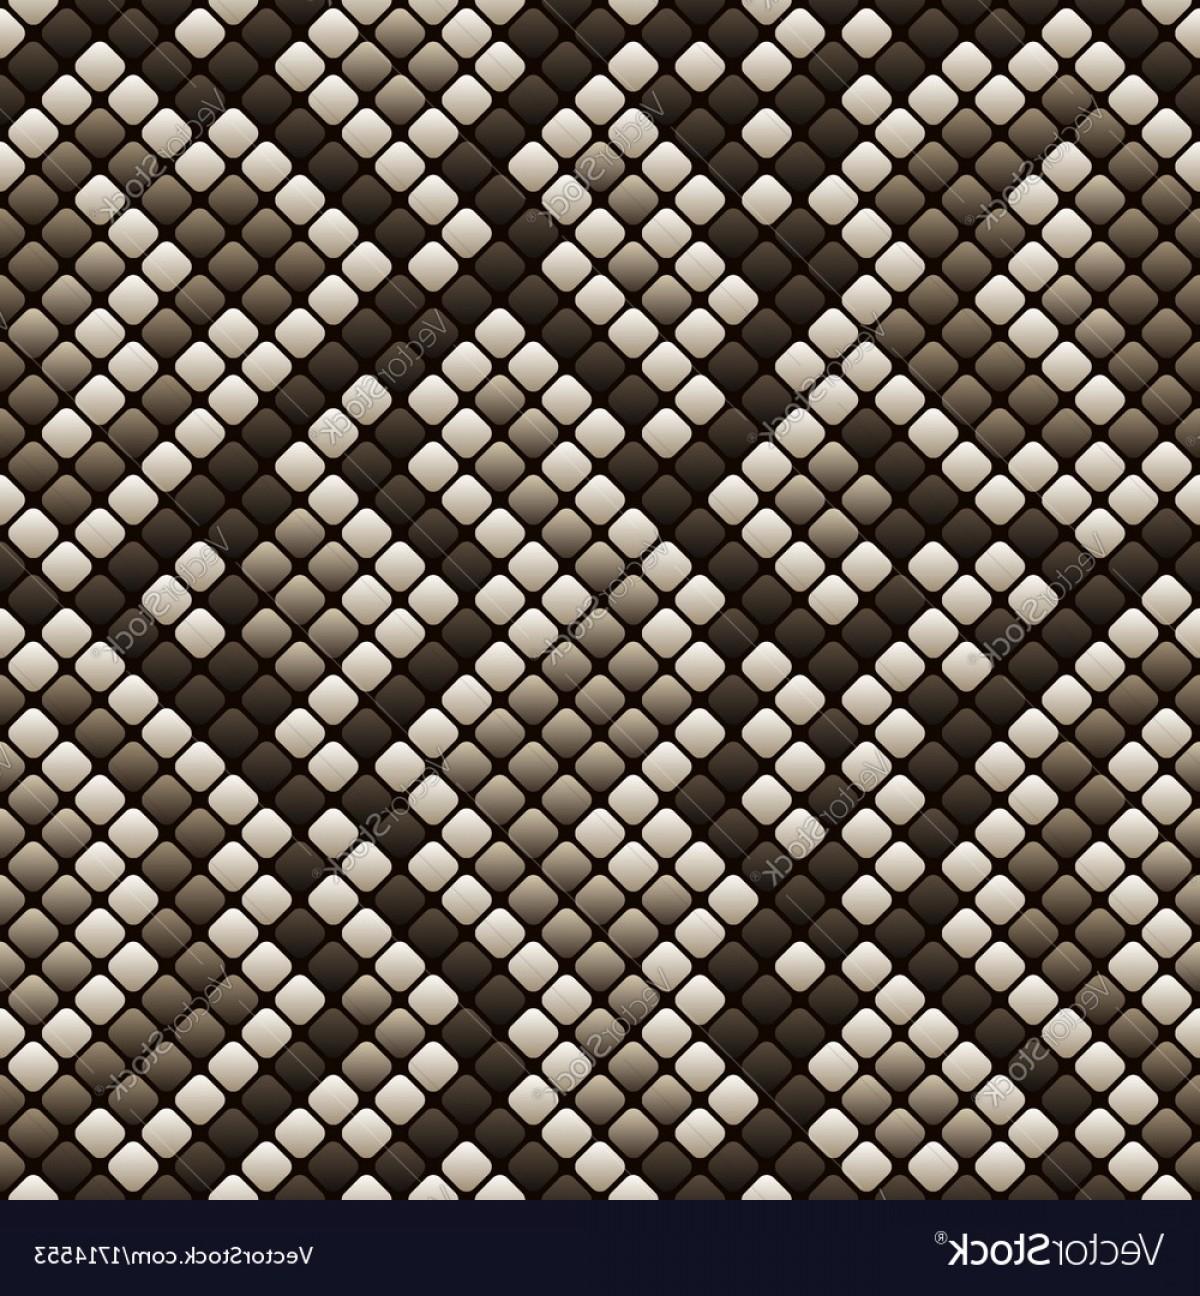 1200x1296 Snakeskin Seamless Pattern Vector Sohadacouri